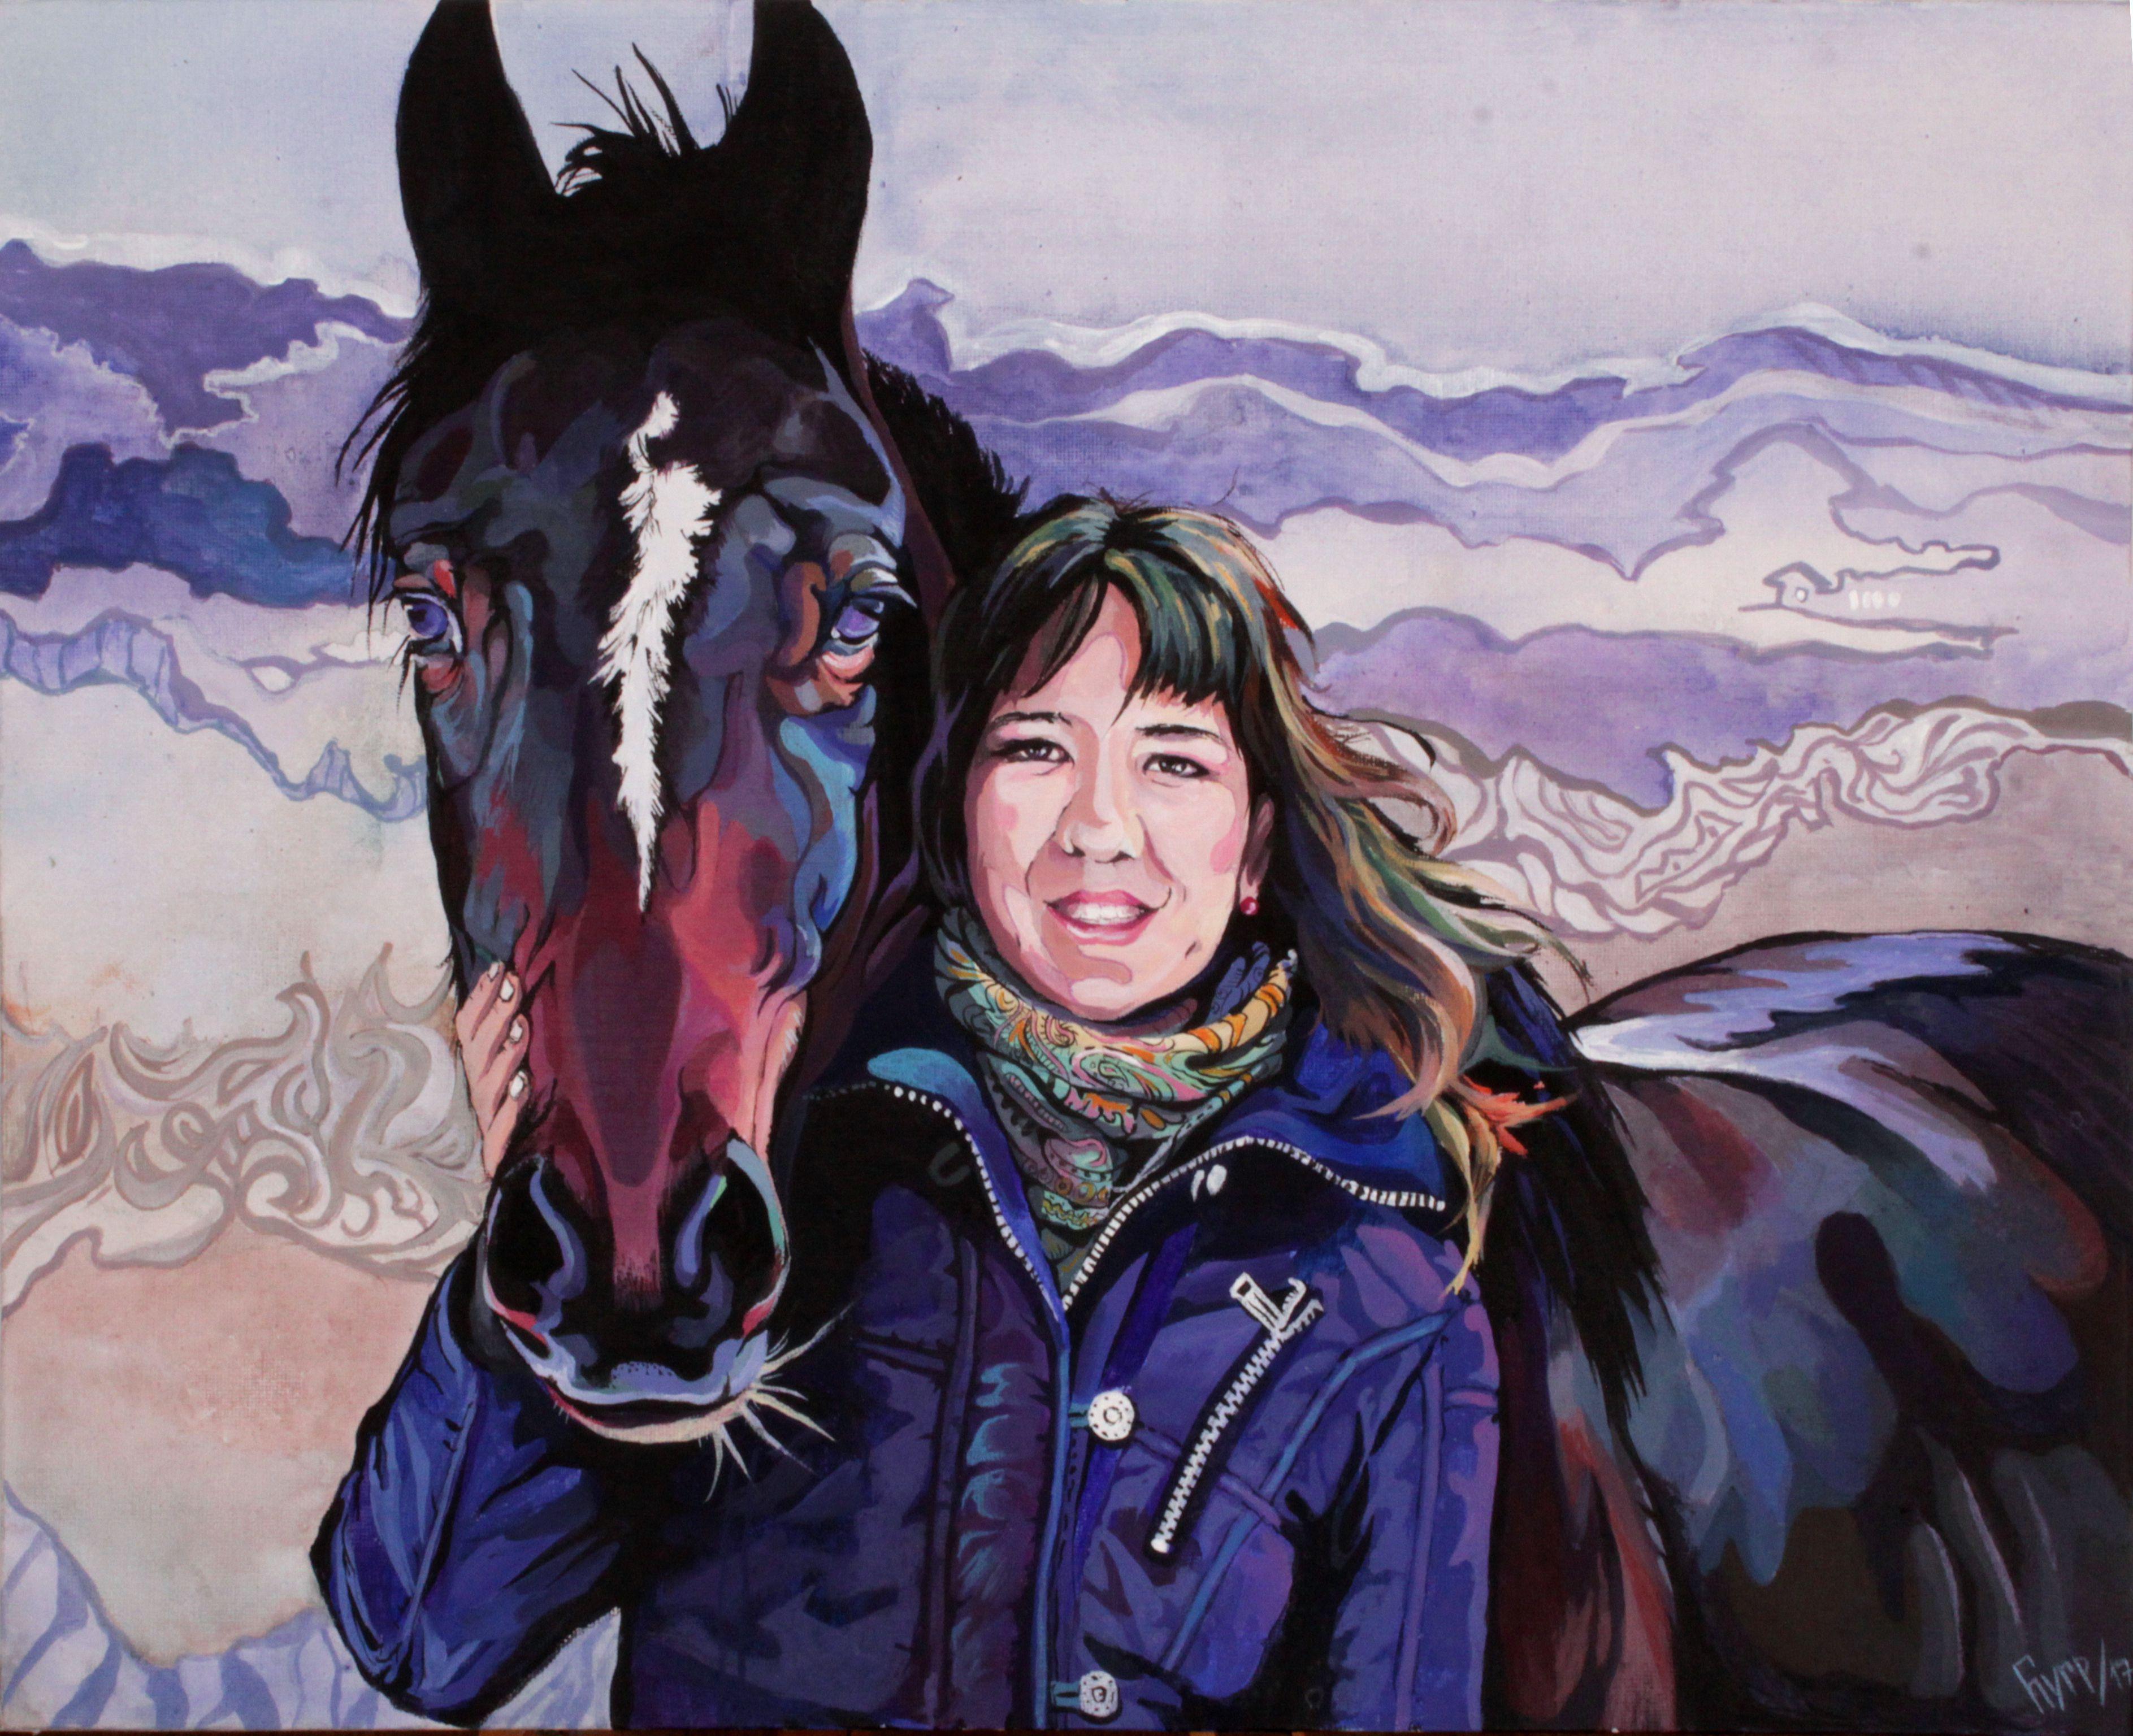 лошадьми конник на мечта портрет с заказ девушка друг лучший лошади радость портреты